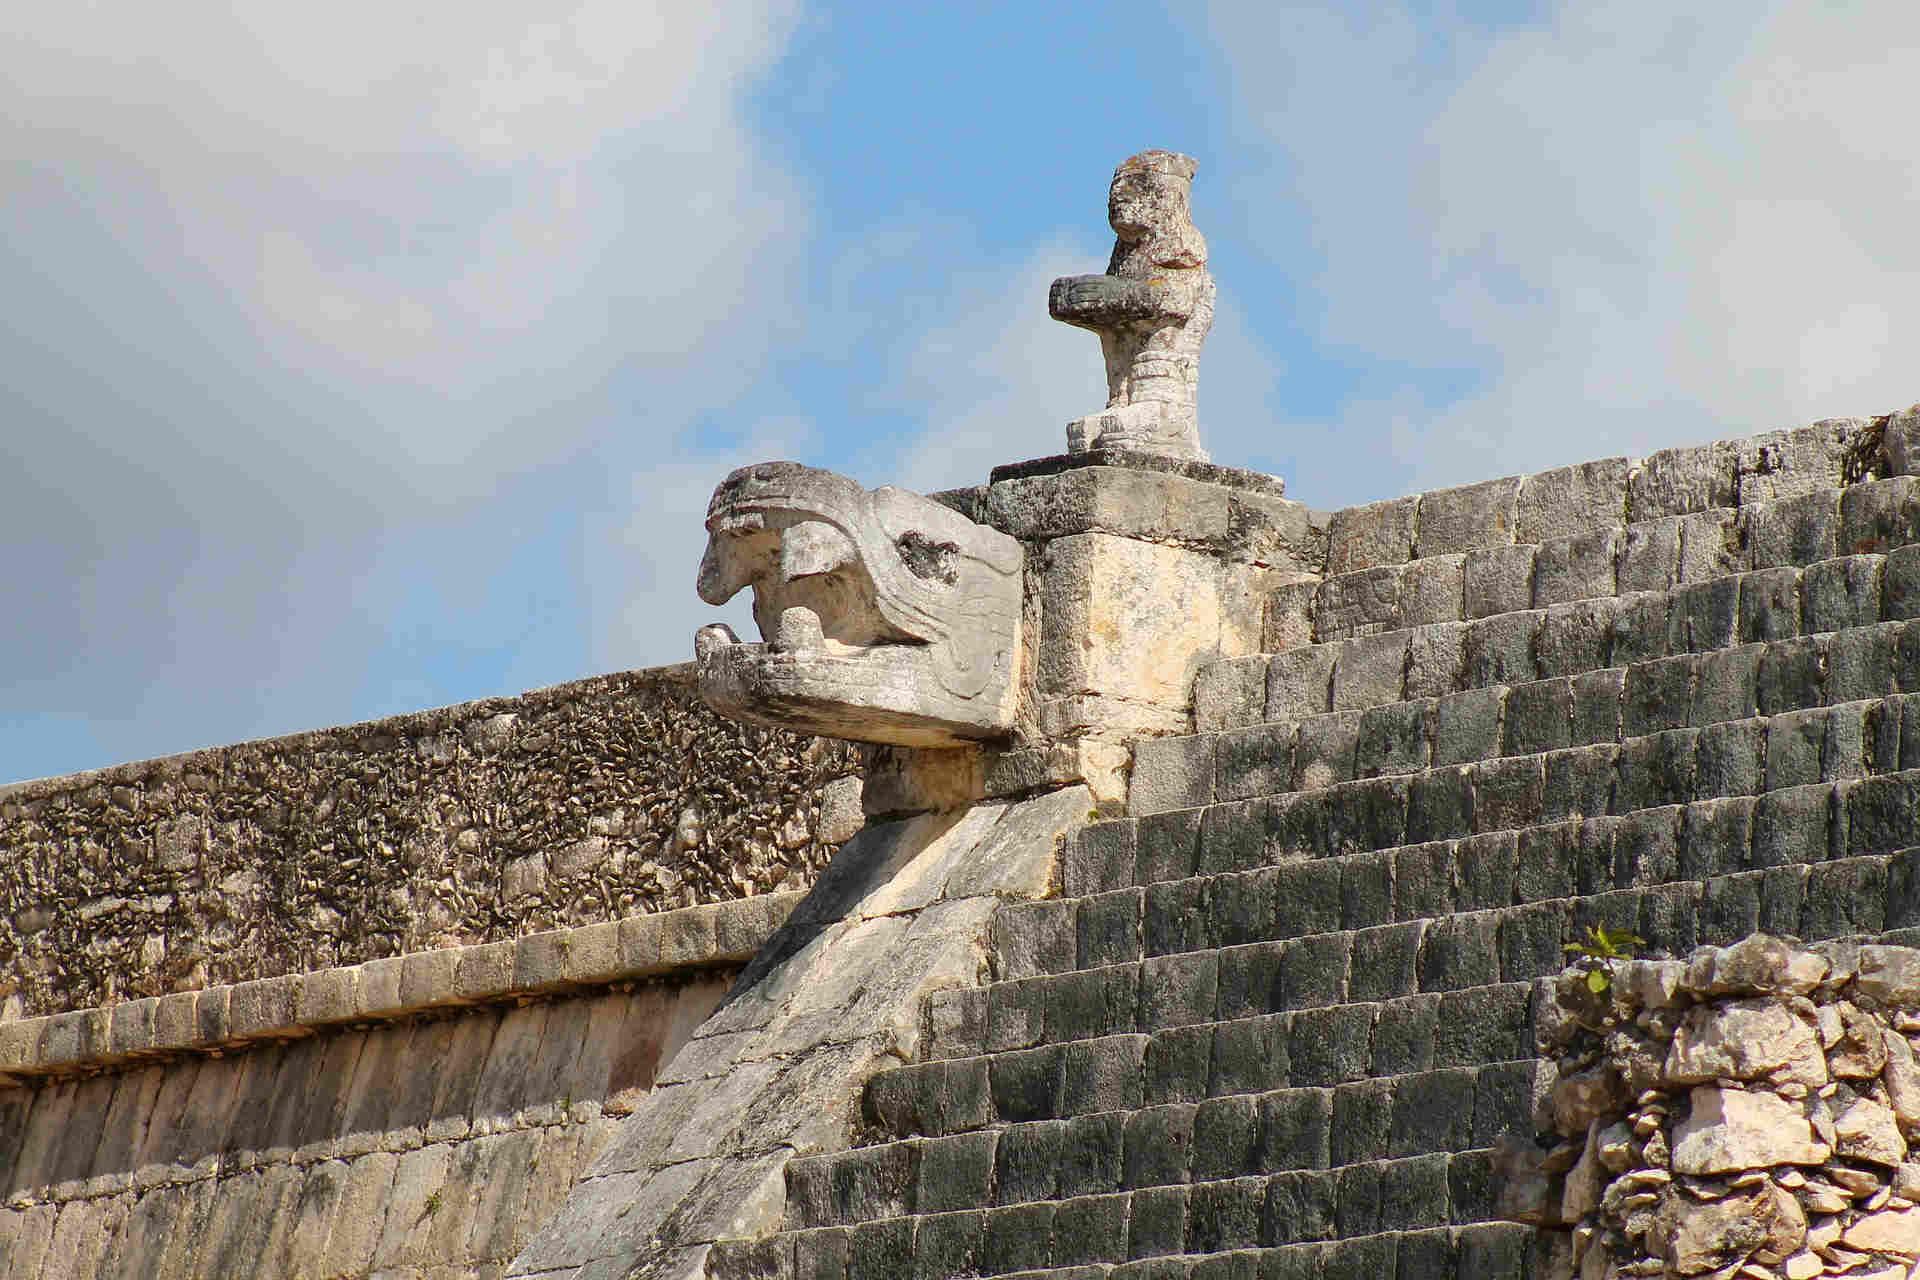 Templi e piramidi Chichén Itzá, nello Yucata, in Messico